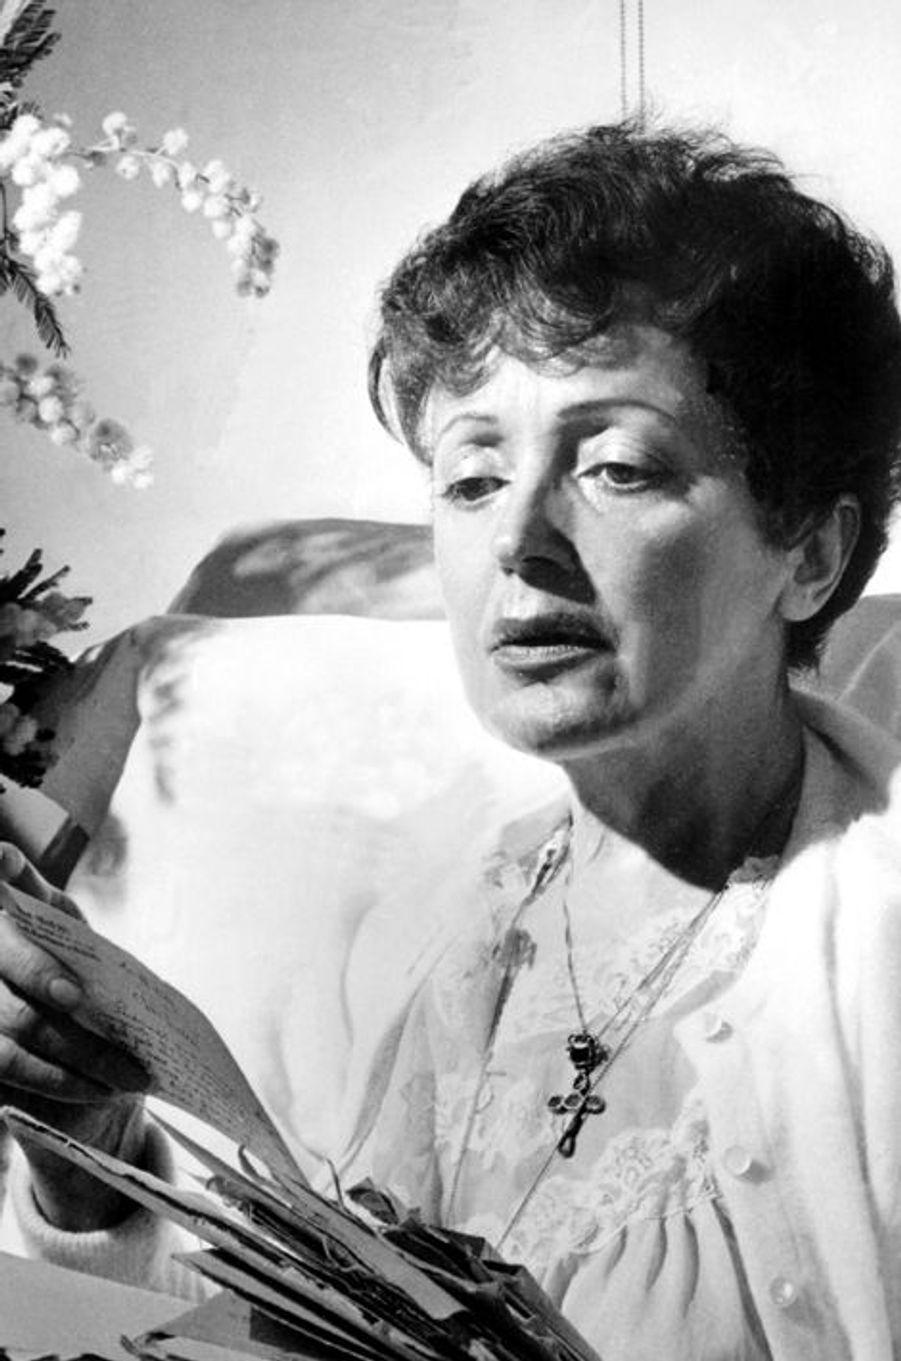 Anniversaire des 100 ans de la naissance d'Edith Piaf (19 décembre 1915 - 10 octobre 1963)